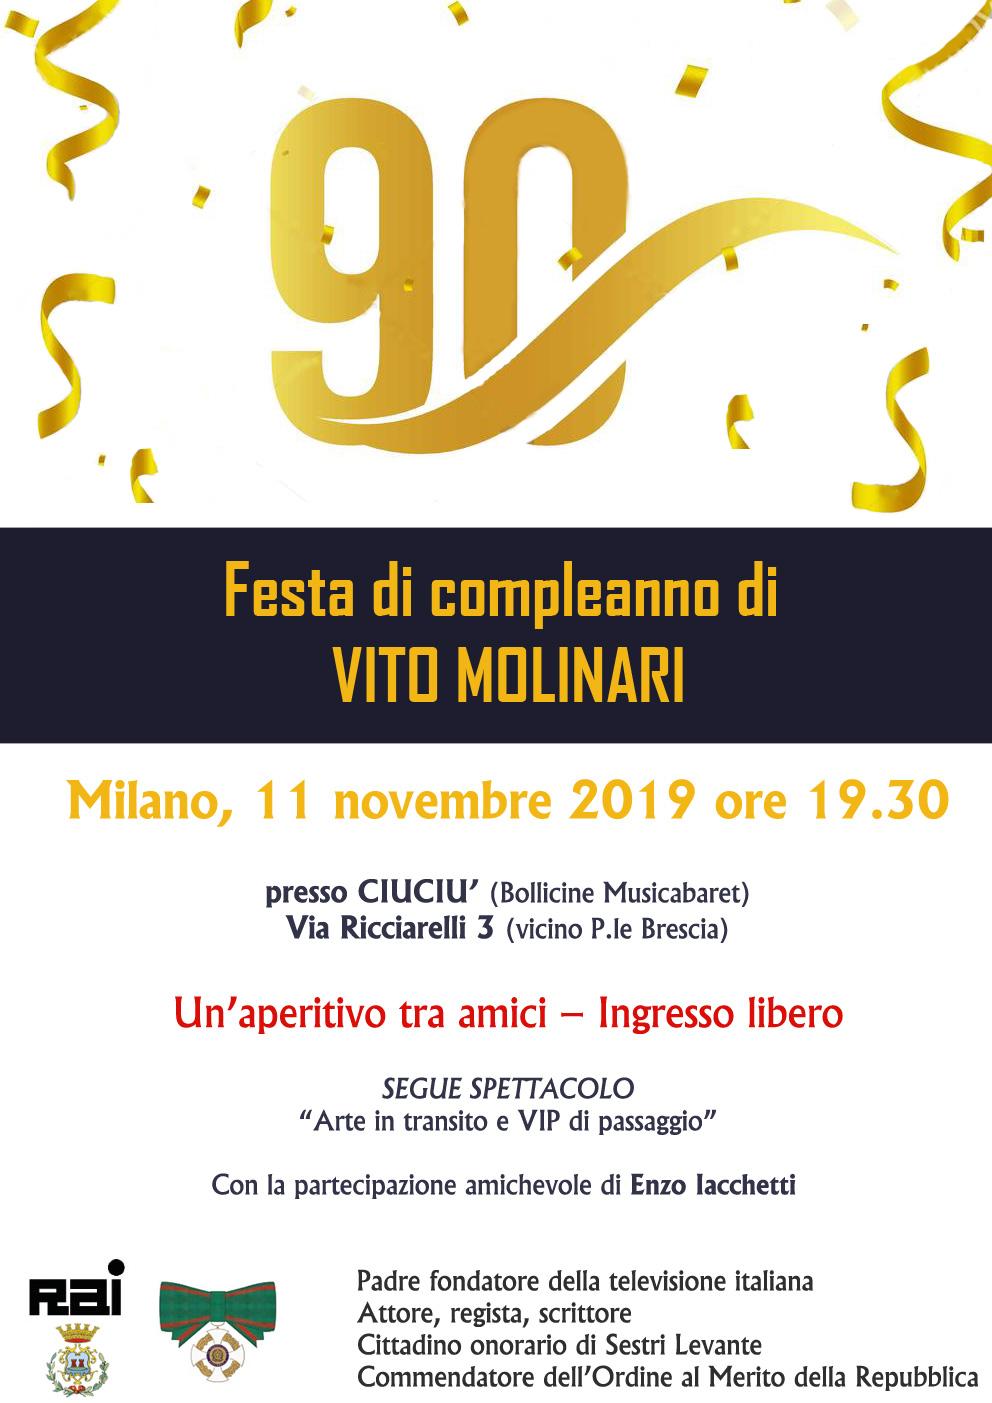 Festa di compleanno Vito Molinari